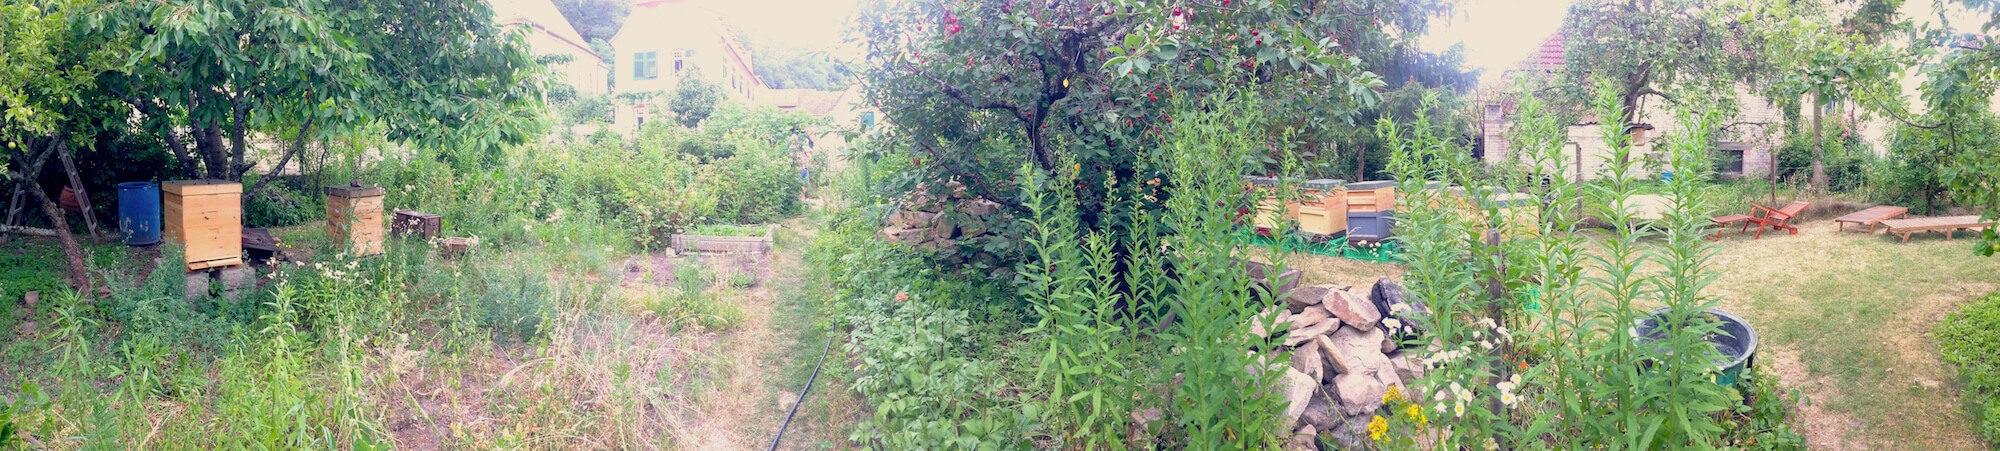 paradiesischer Garten in der Pfalz, mit Bienen, Erntemöglichkeiten, Lebensraum